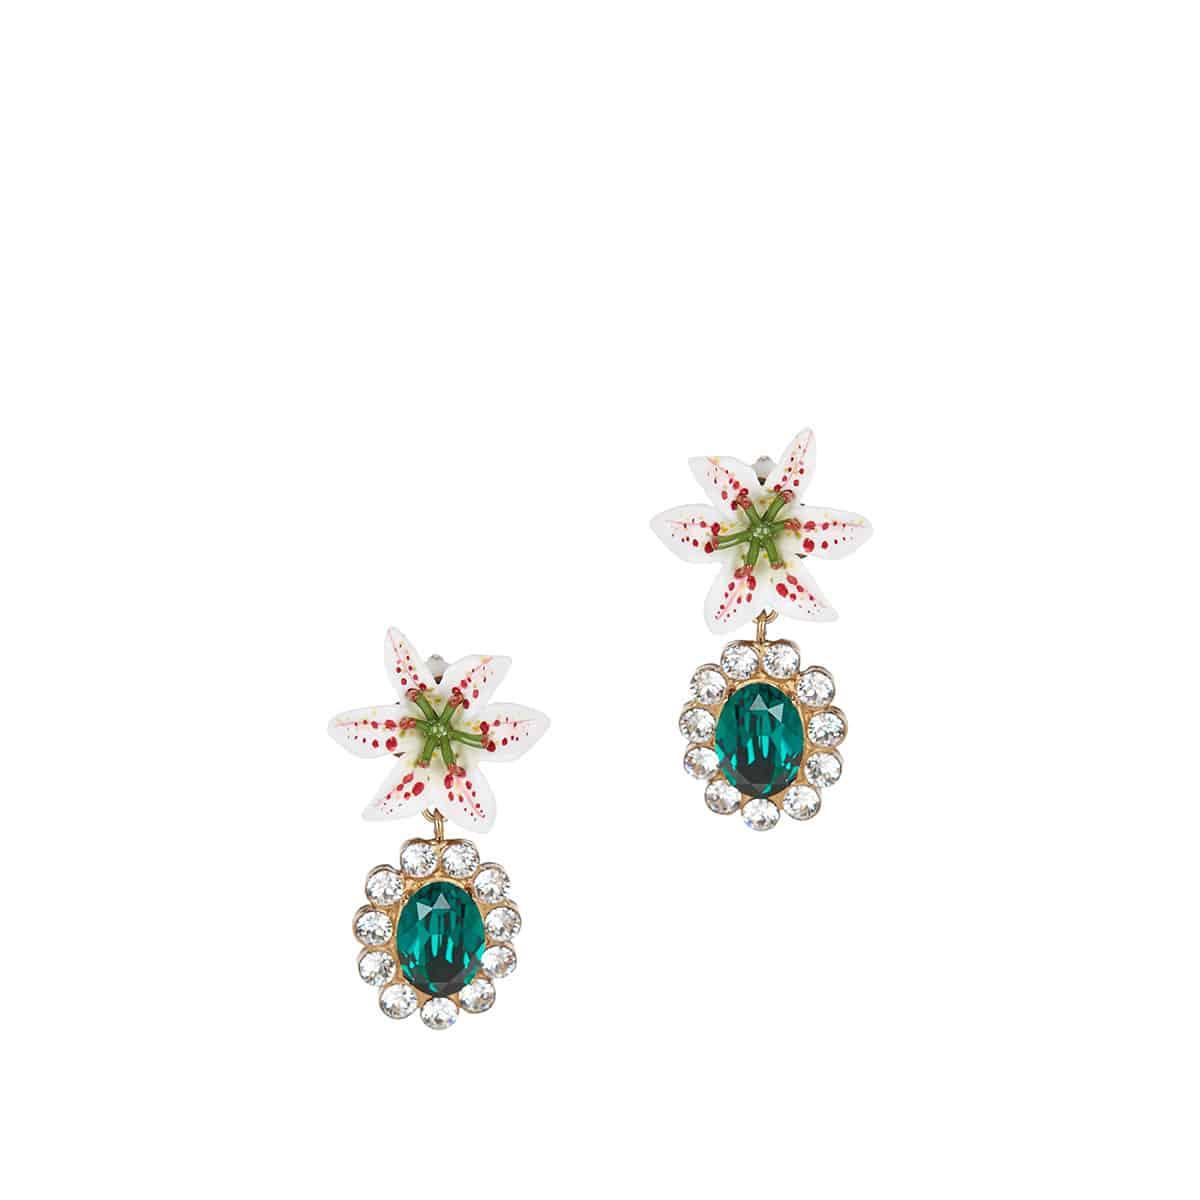 Crystal-embellished resin drop earrings